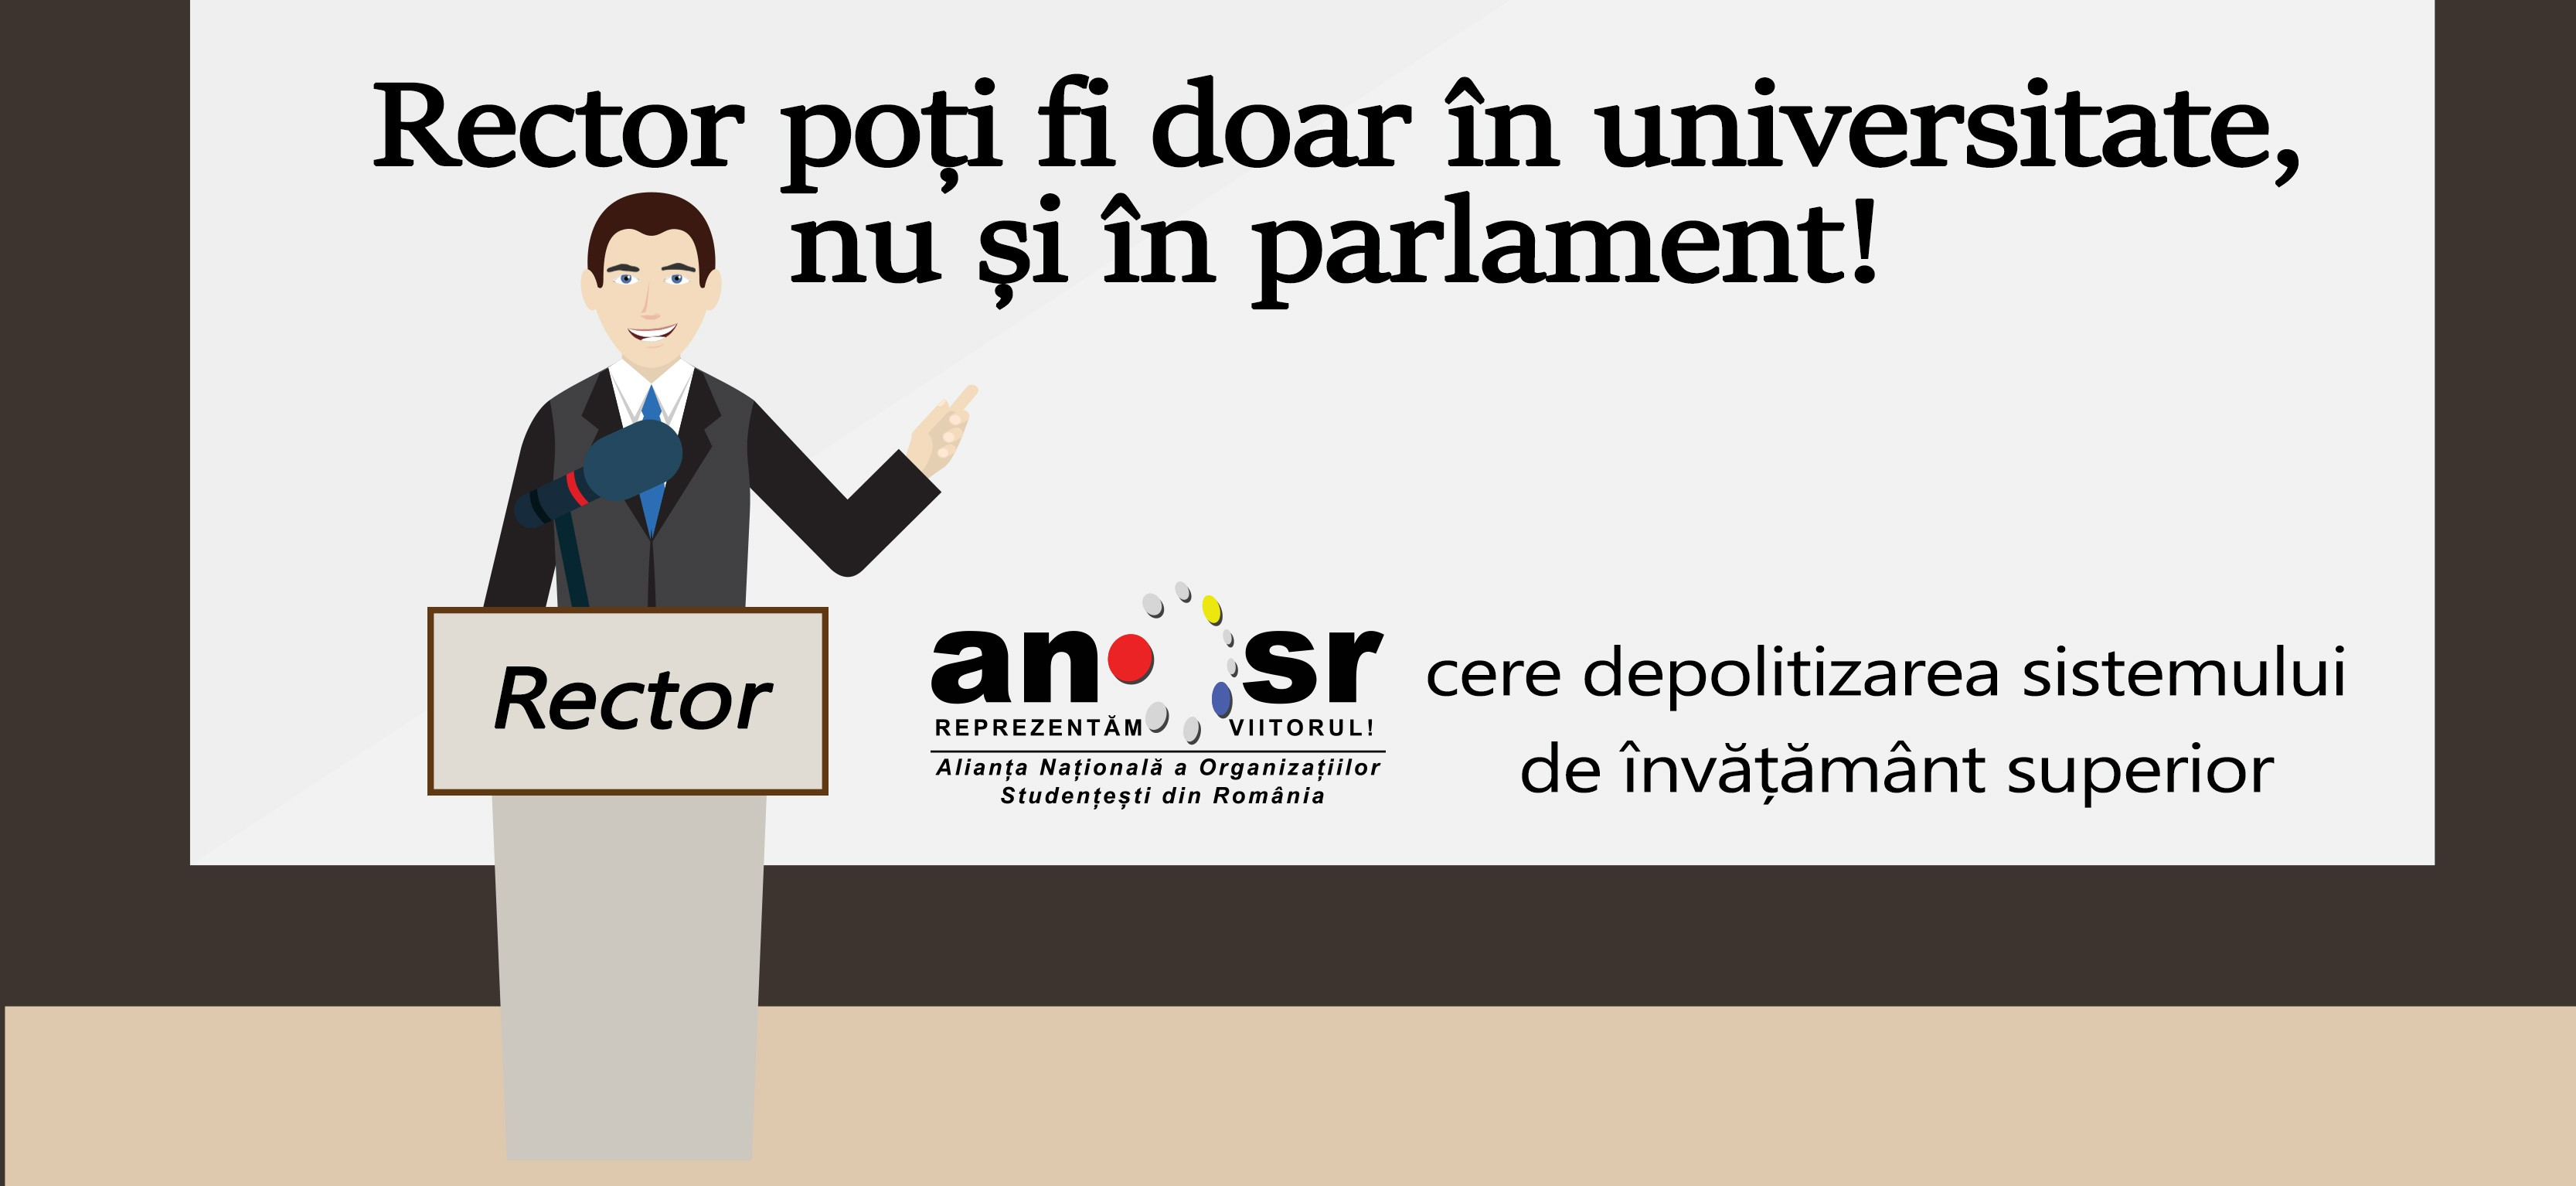 Studenții nu vor parlamentari-rectori